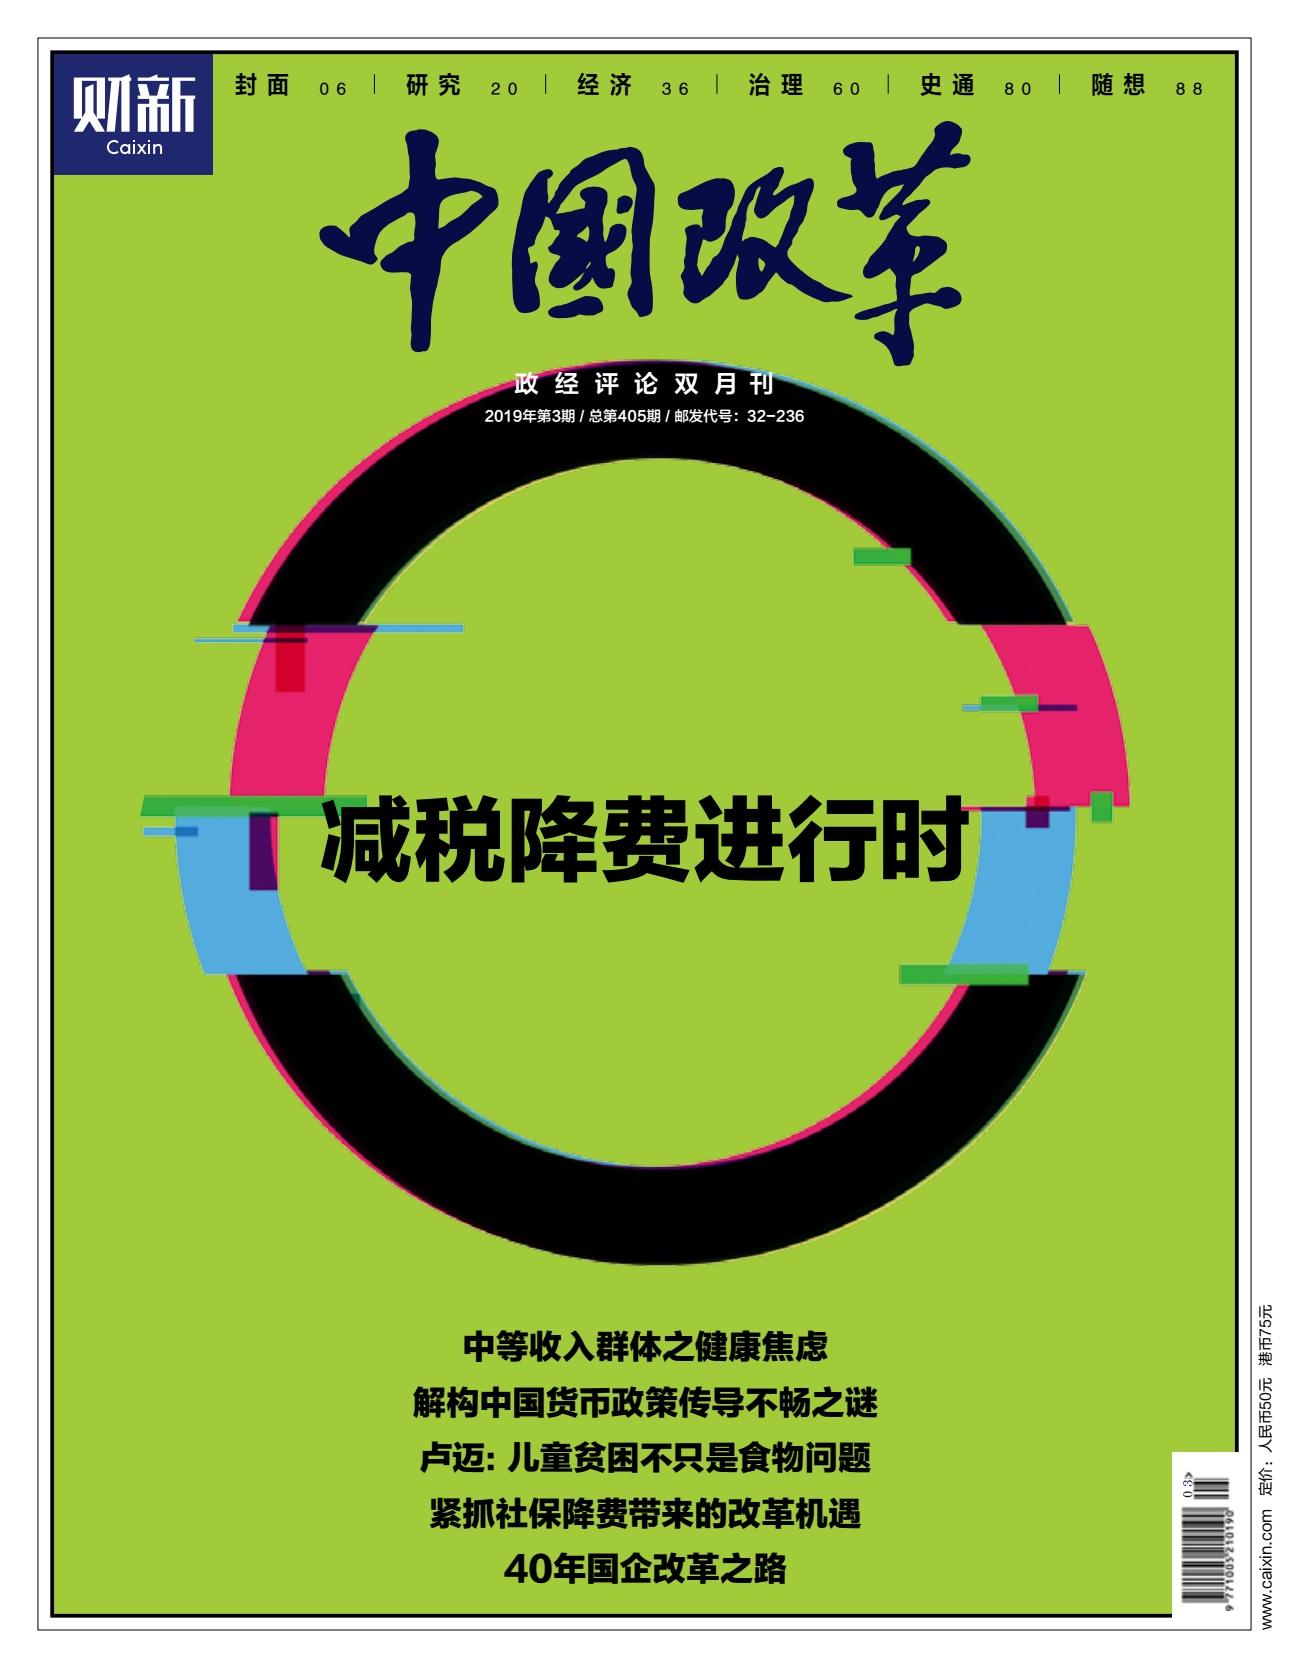 《中国改革》第405期